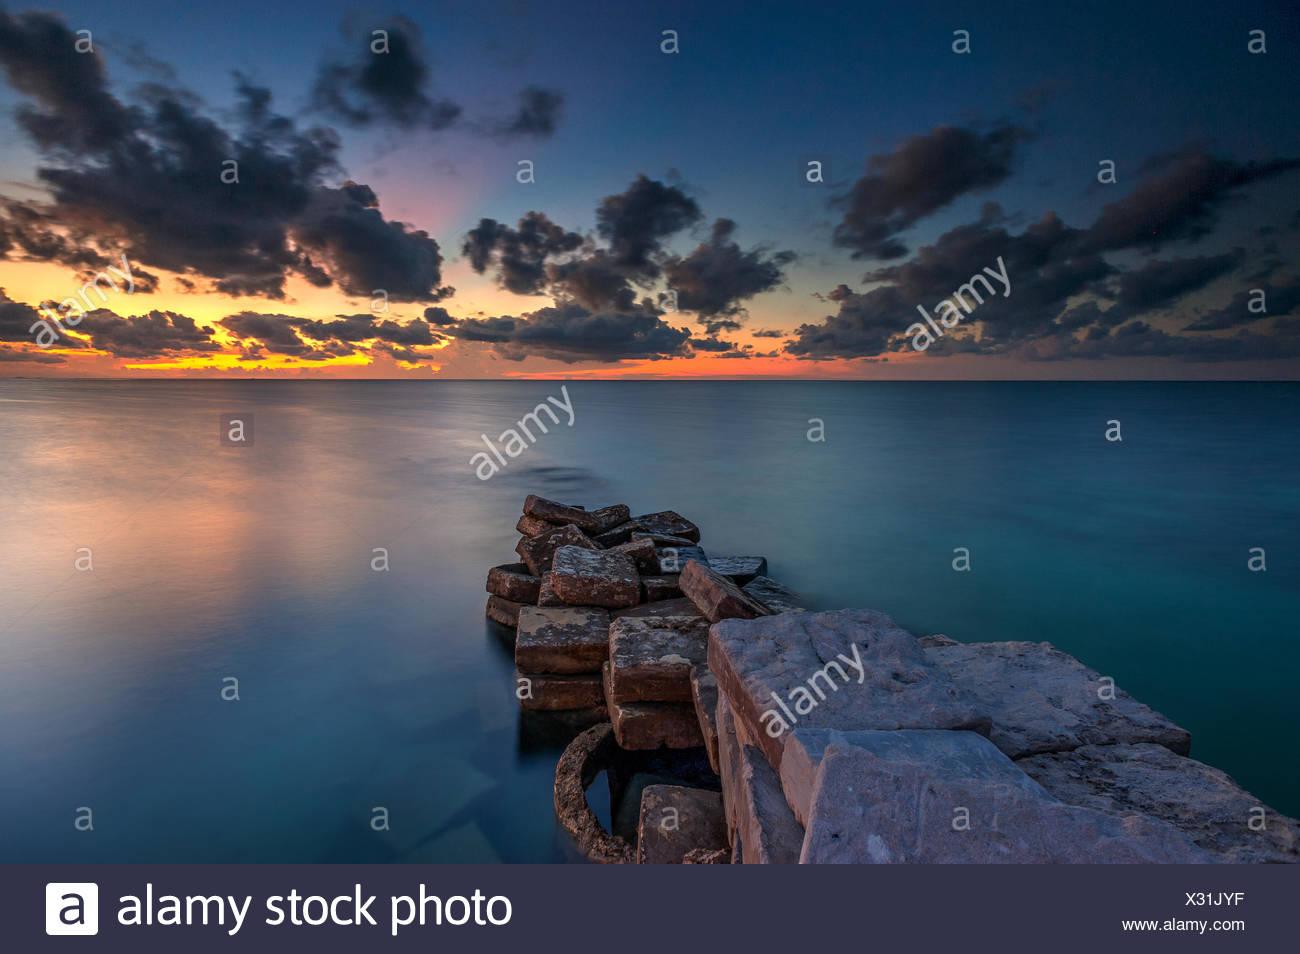 La Malaisie, Sabah, rayon de lumière coucher du soleil à Mabul Island Photo Stock